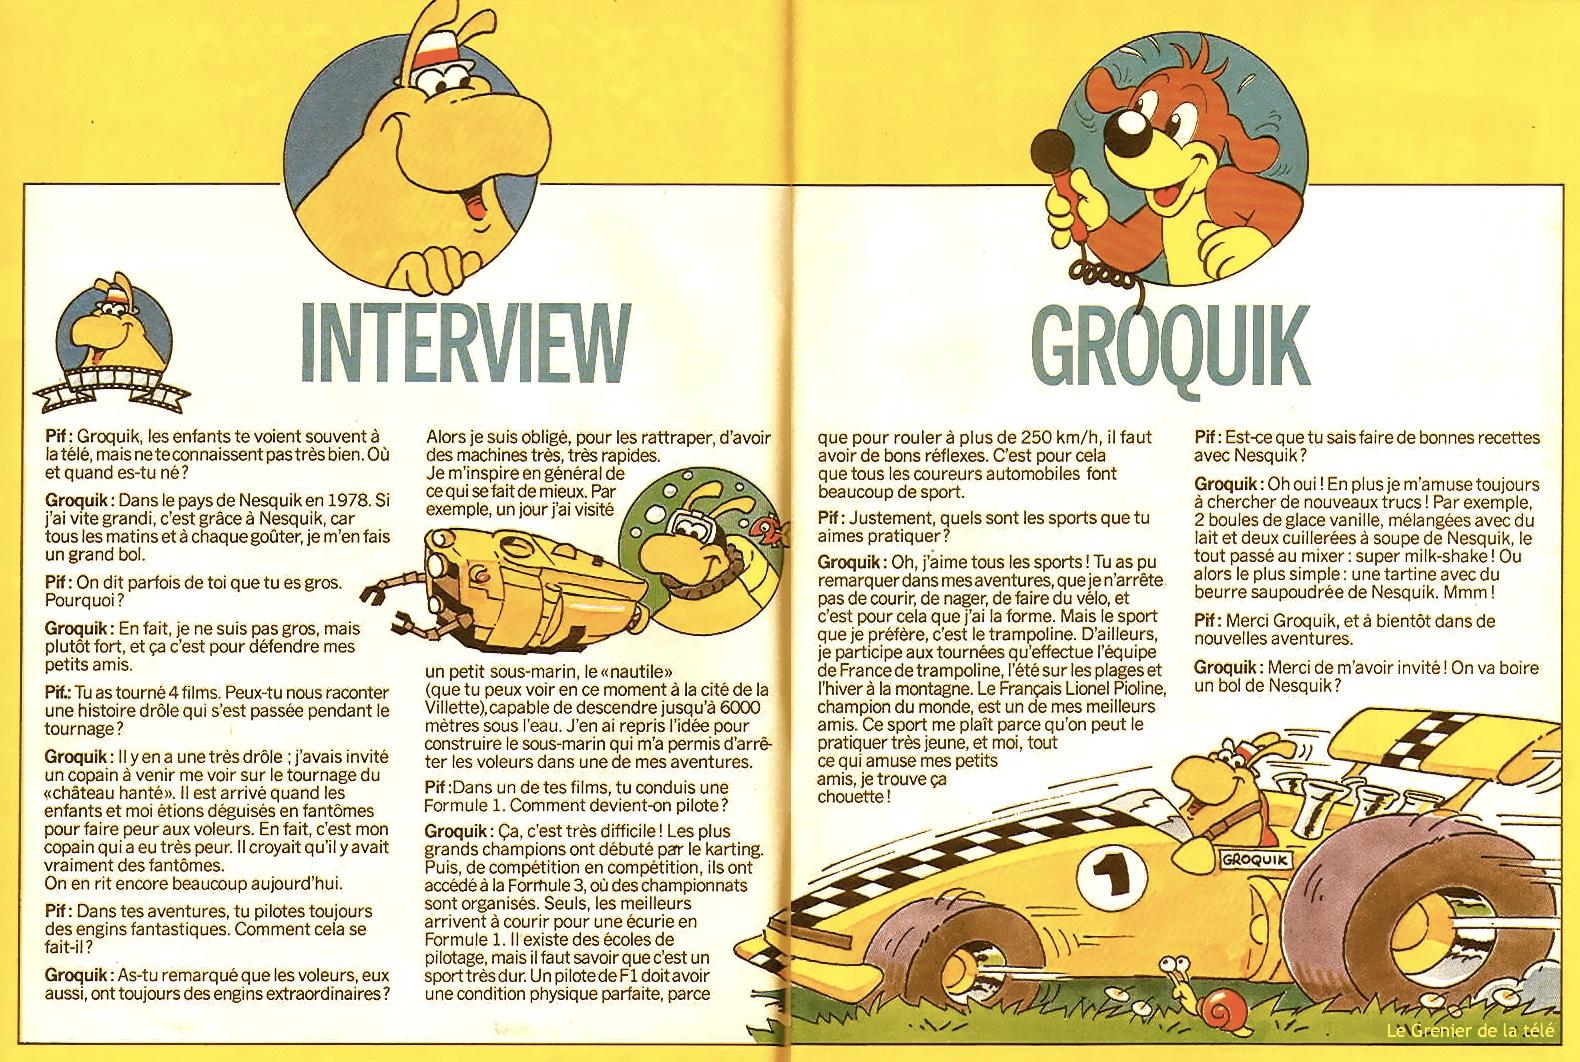 http://grenierdelatv.free.fr/groquikpif913sept1986.jpg